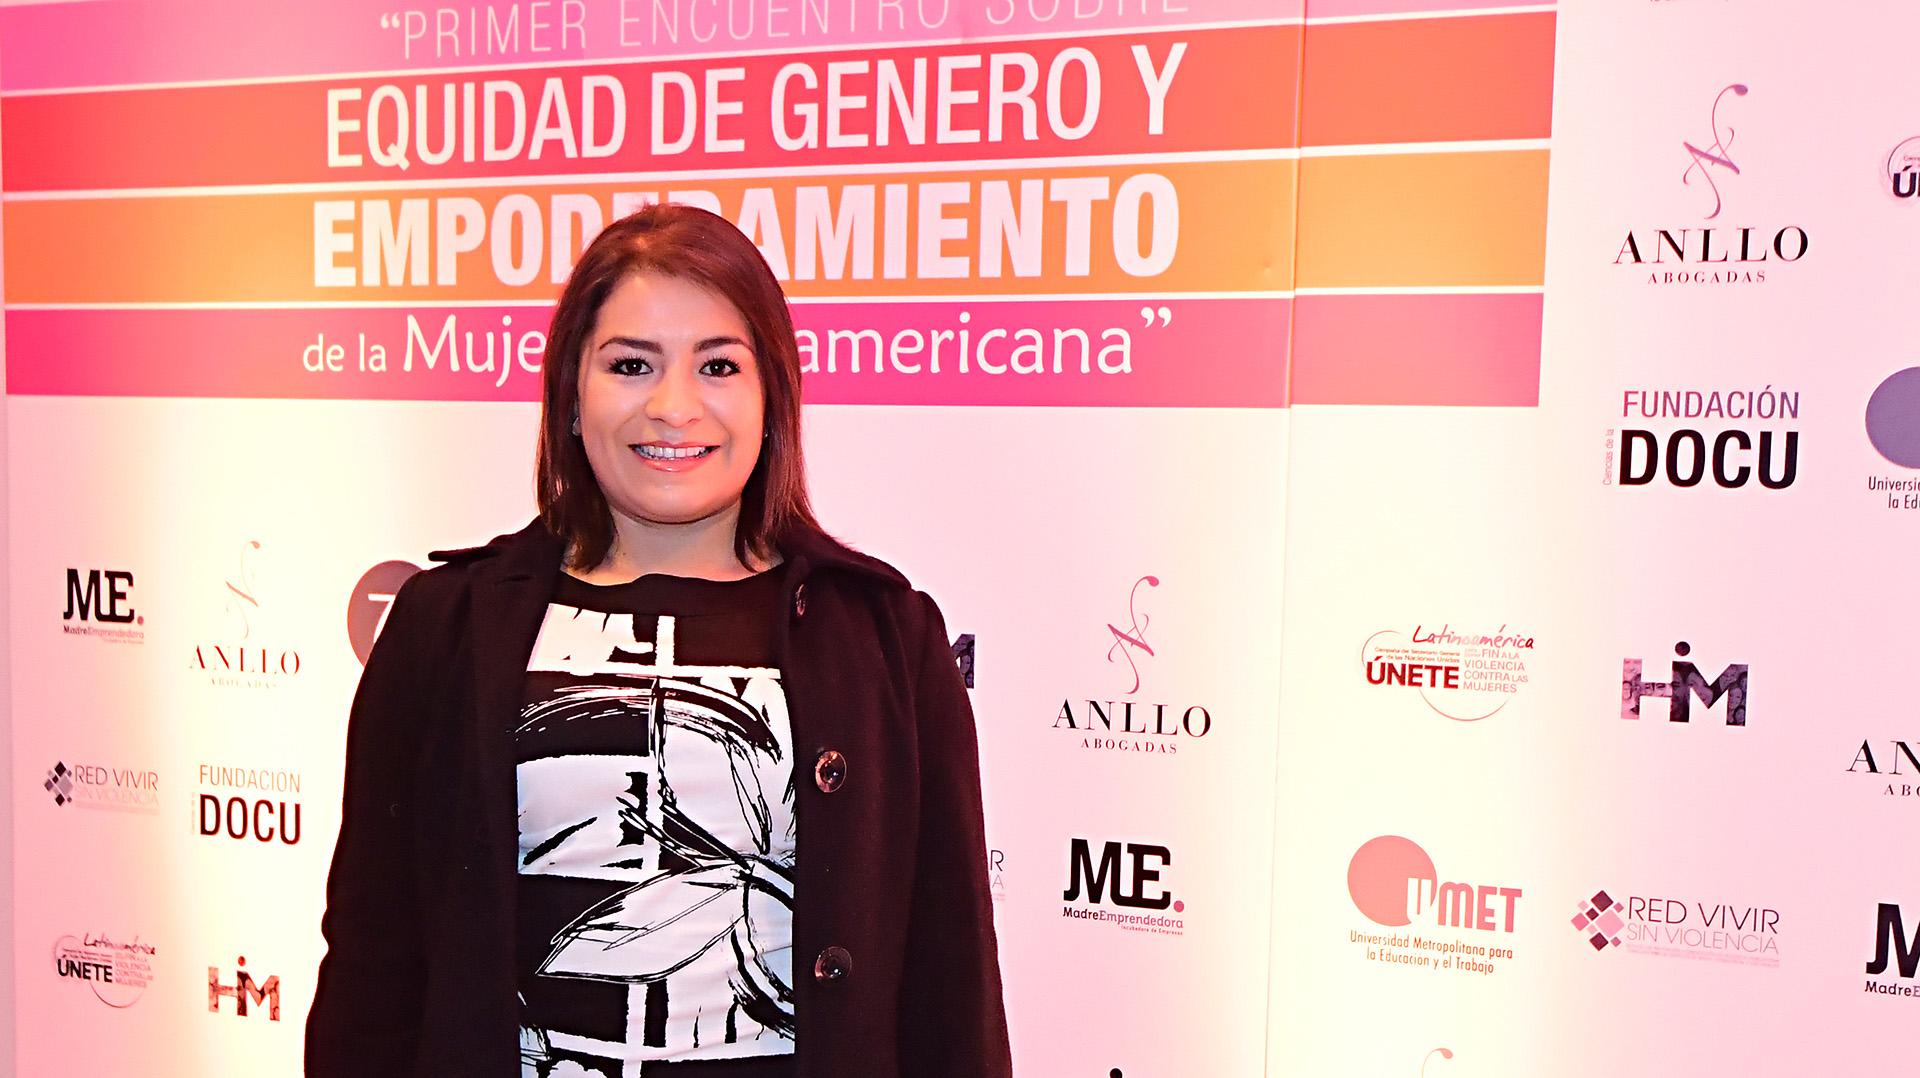 Nadia Sánchez, emprendedora y fundadora de She Is, que trabaja con mujeres víctimas del conflicto armado en Colombia